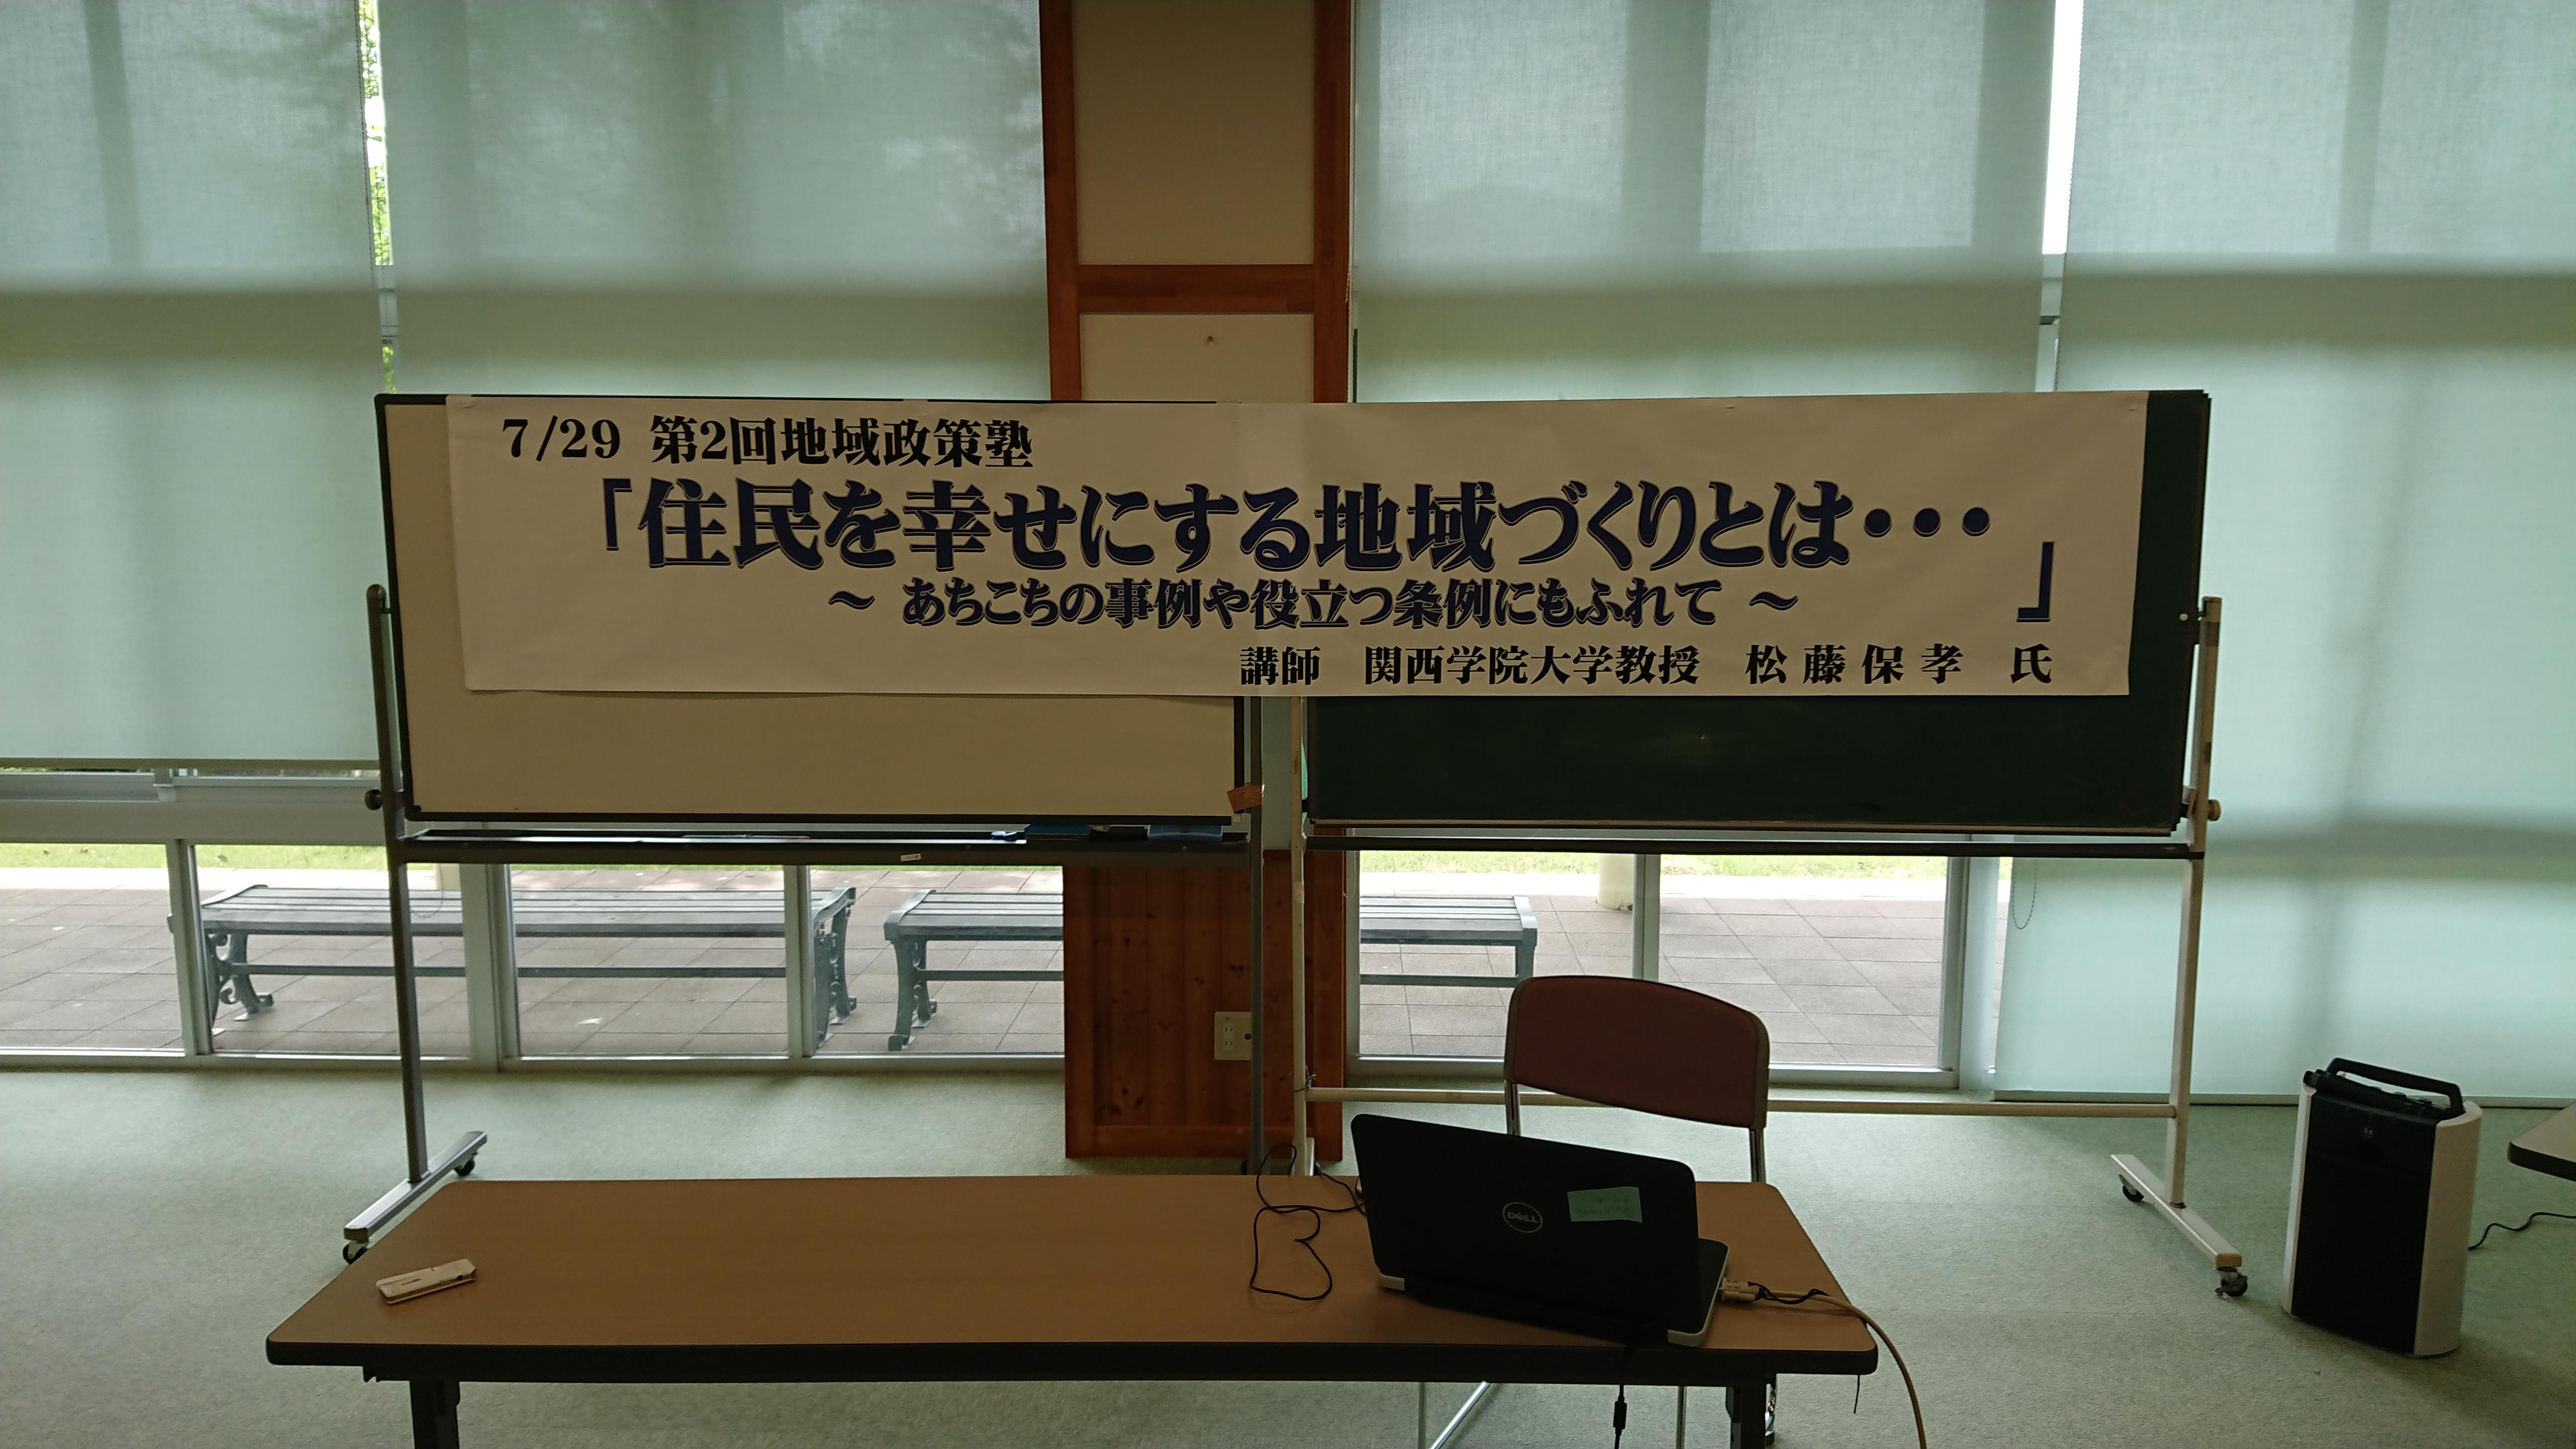 長野県飯綱町へ   さいとう誠 公式サイト(Makoto Saitou Official Site)